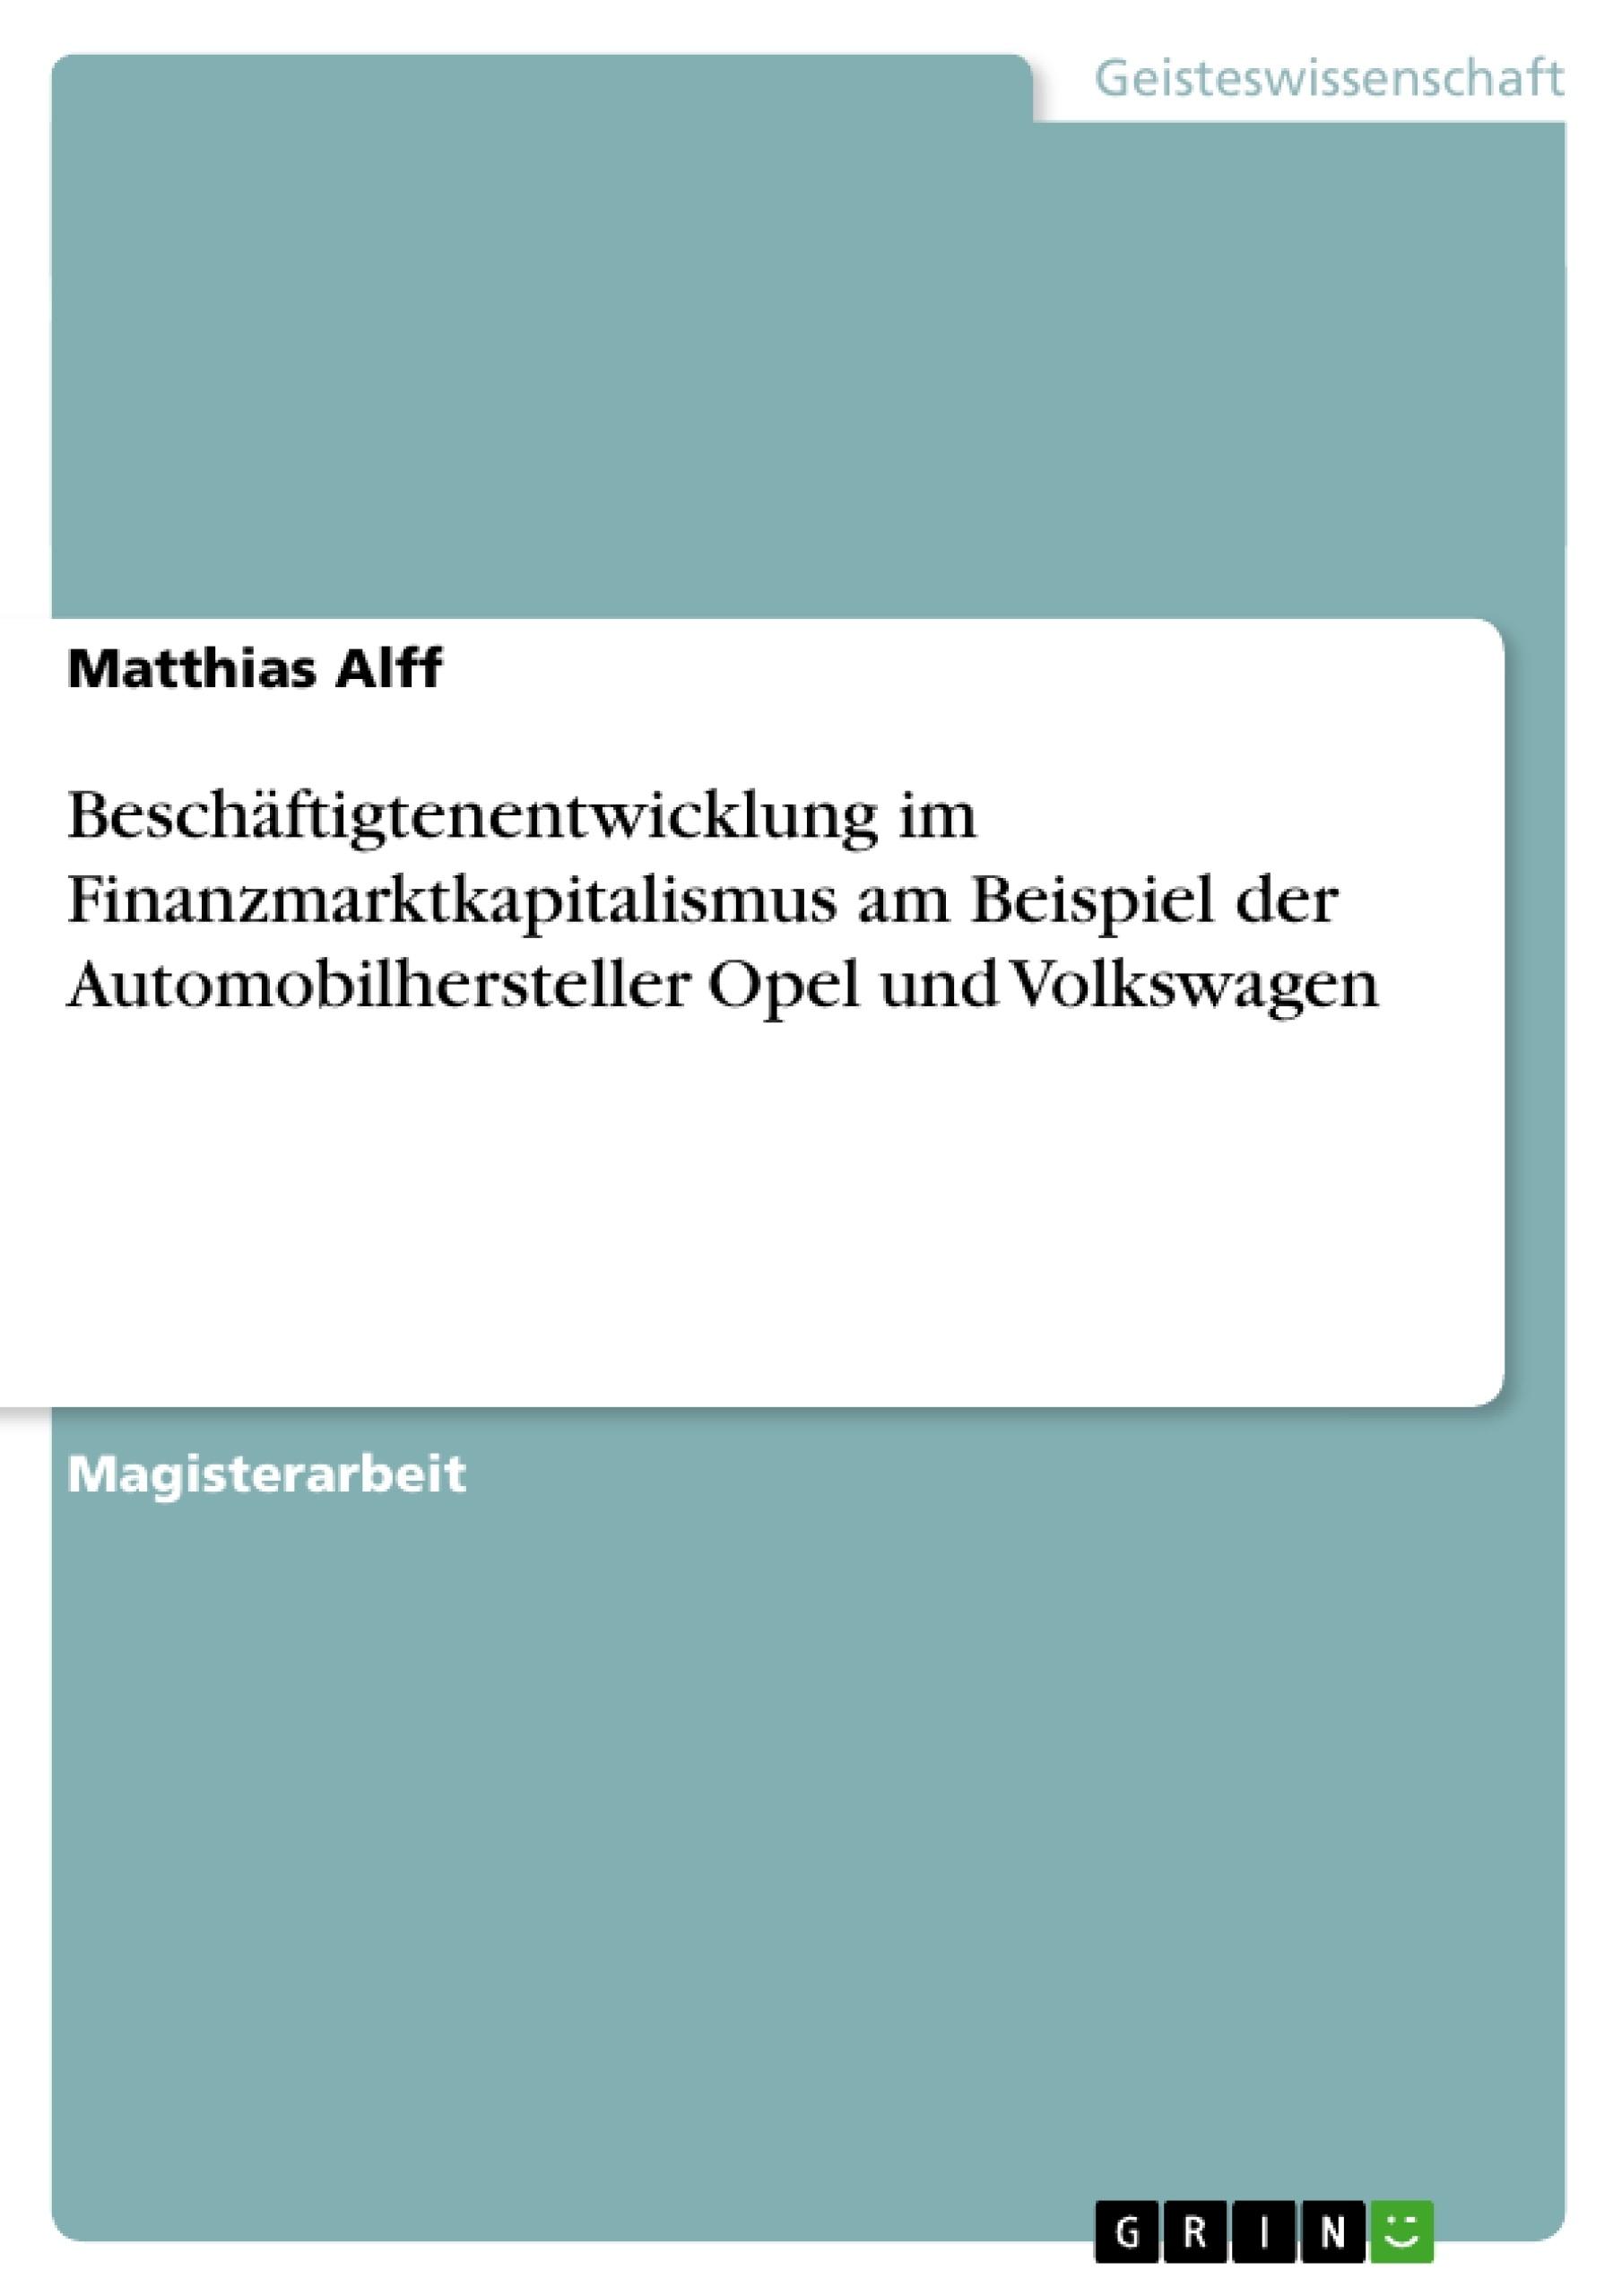 Titel: Beschäftigtenentwicklung im Finanzmarktkapitalismus am Beispiel der Automobilhersteller Opel und Volkswagen